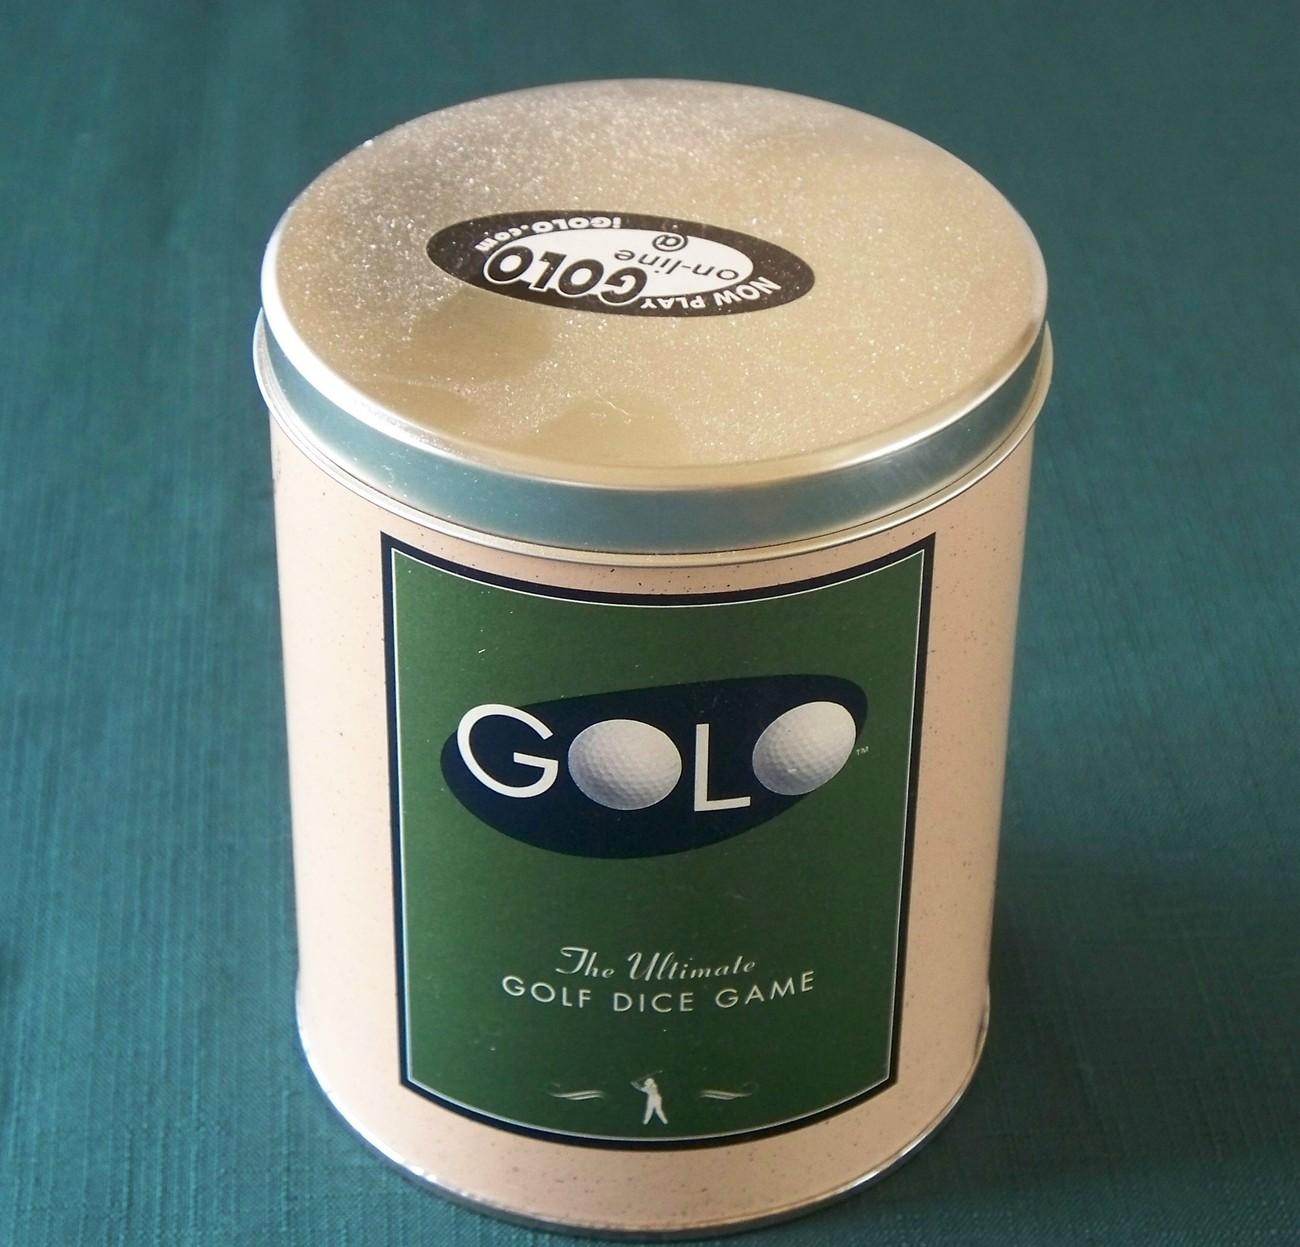 Golo coupon code